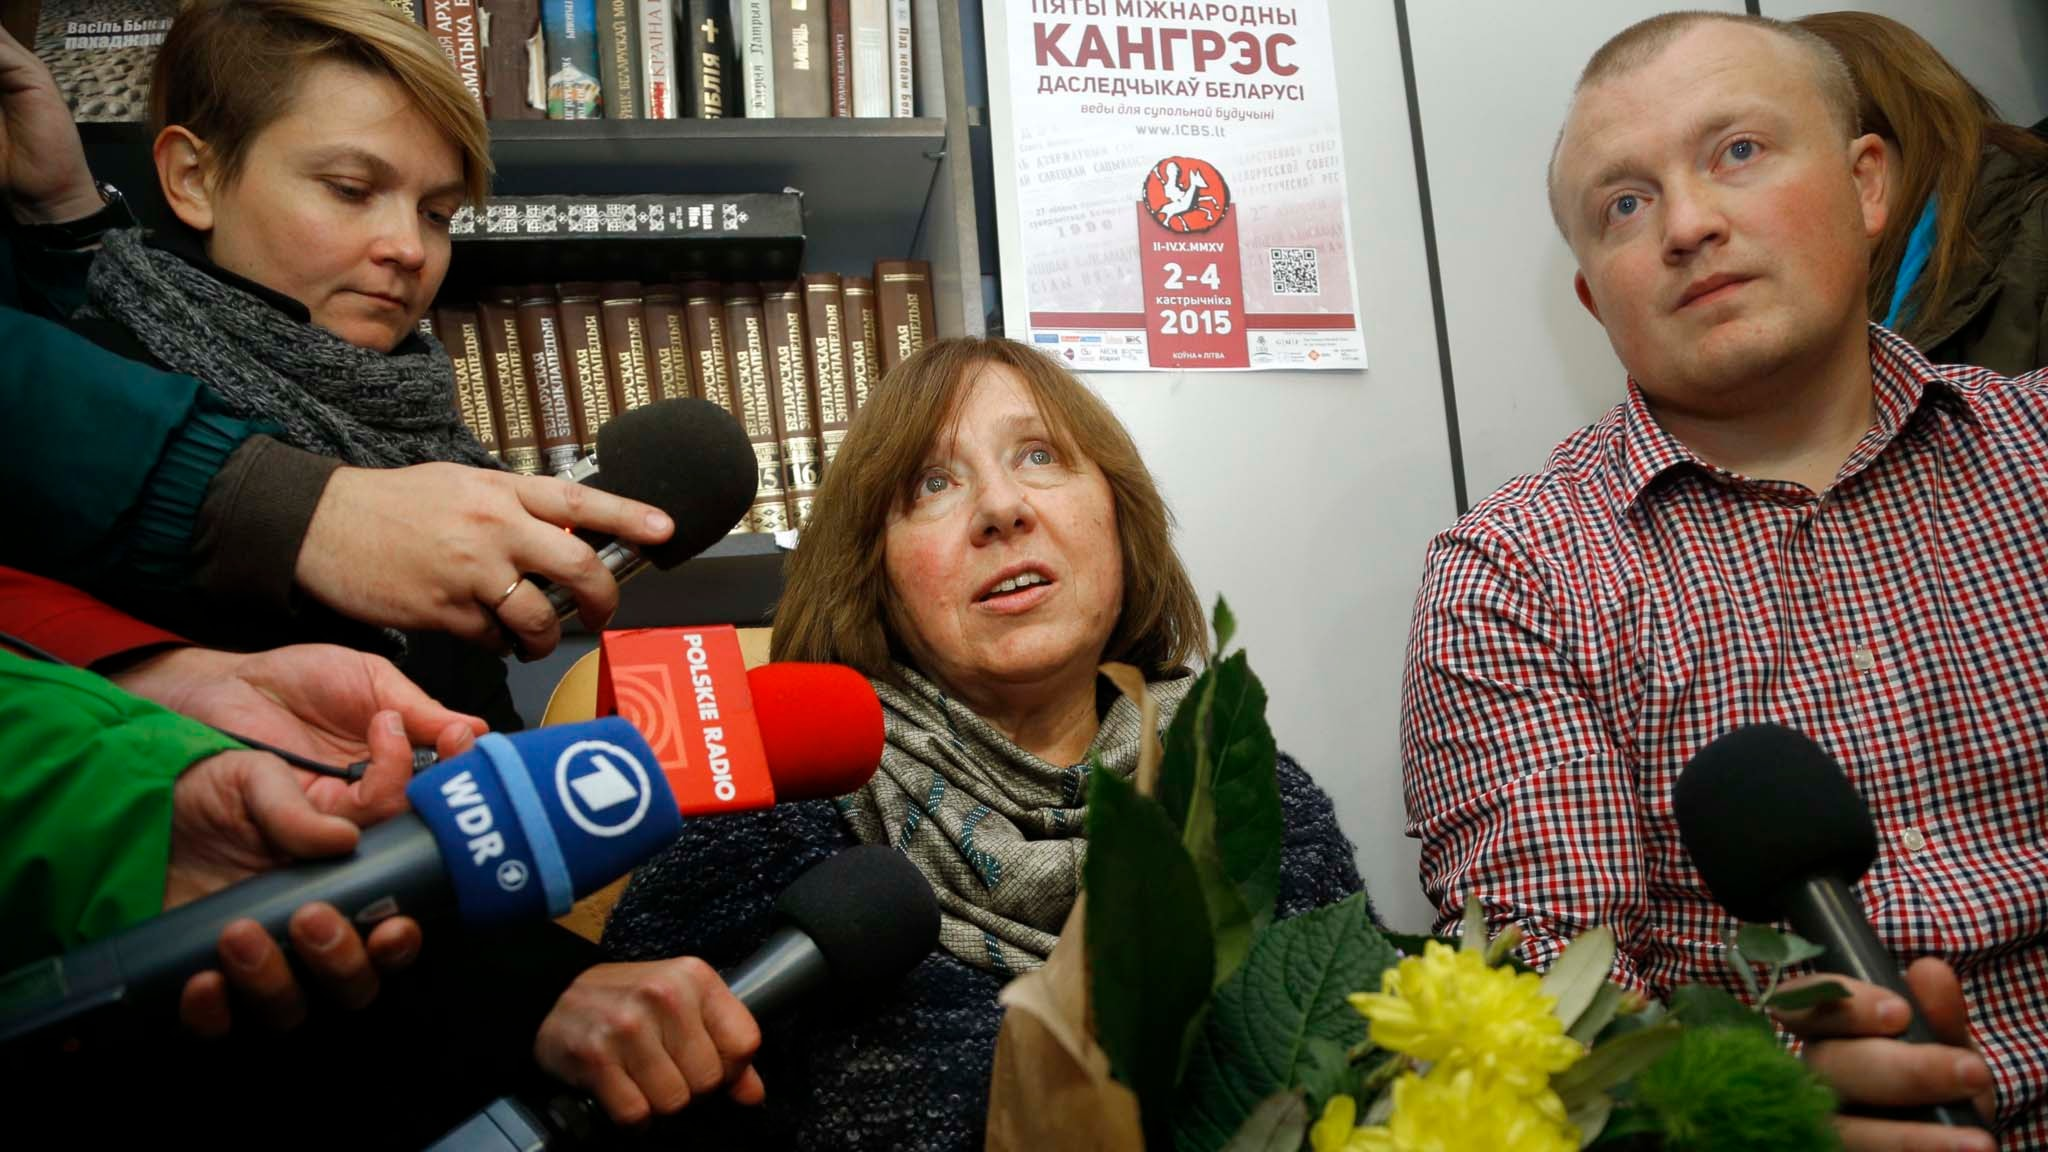 Årets nobelpristagare i litteratur, Svetlana Aleksijevitj -  ett porträtt av Fredrik Wadström.